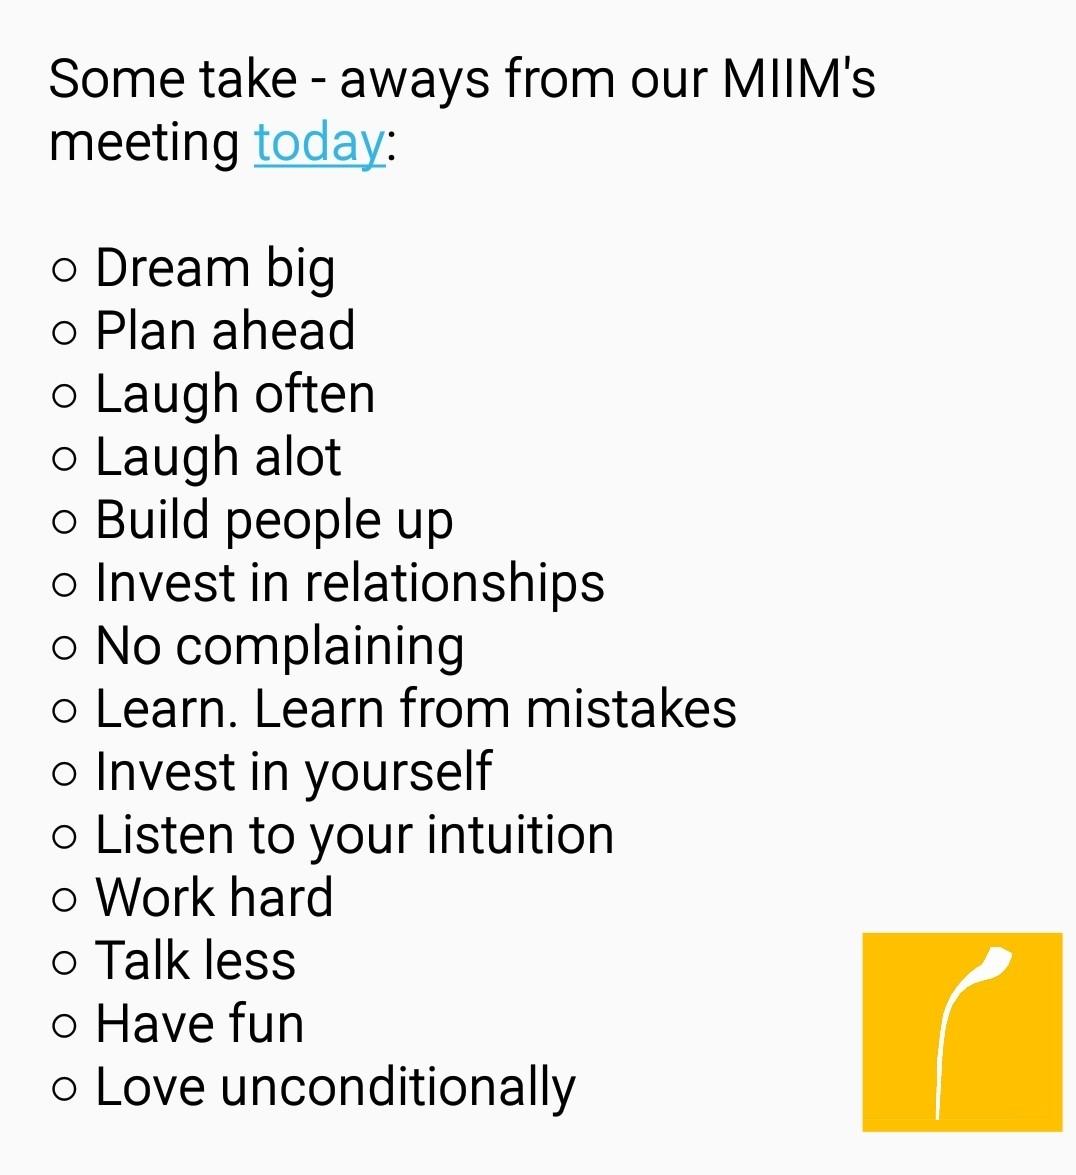 Our MIIM Team values.